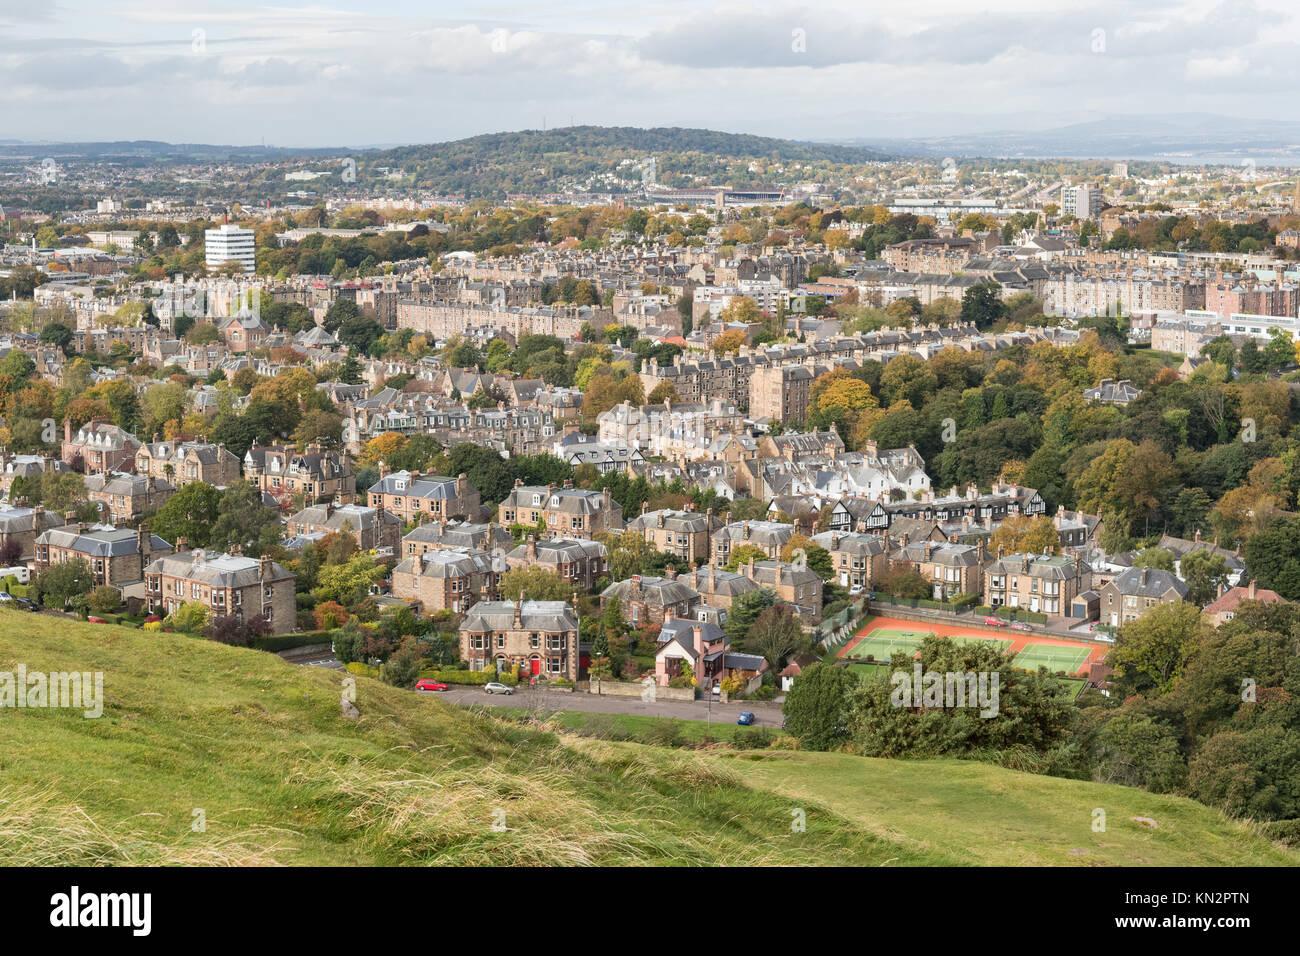 Morningside, and affluent area, South West Edinburgh, Scotland, UK - Stock Image